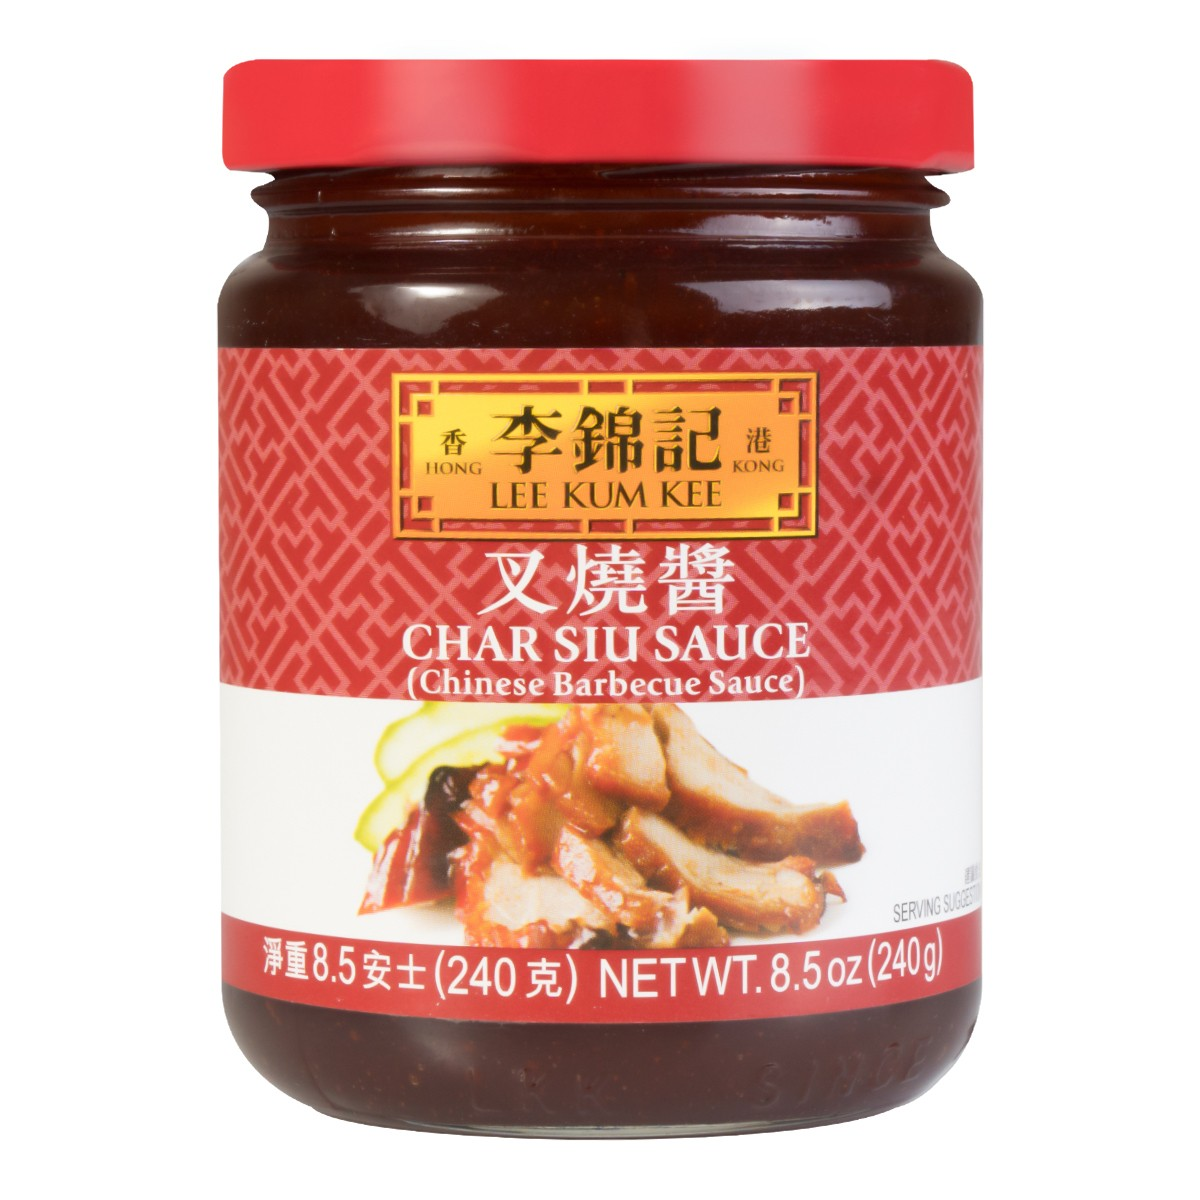 香港李锦记 叉烧酱 230g